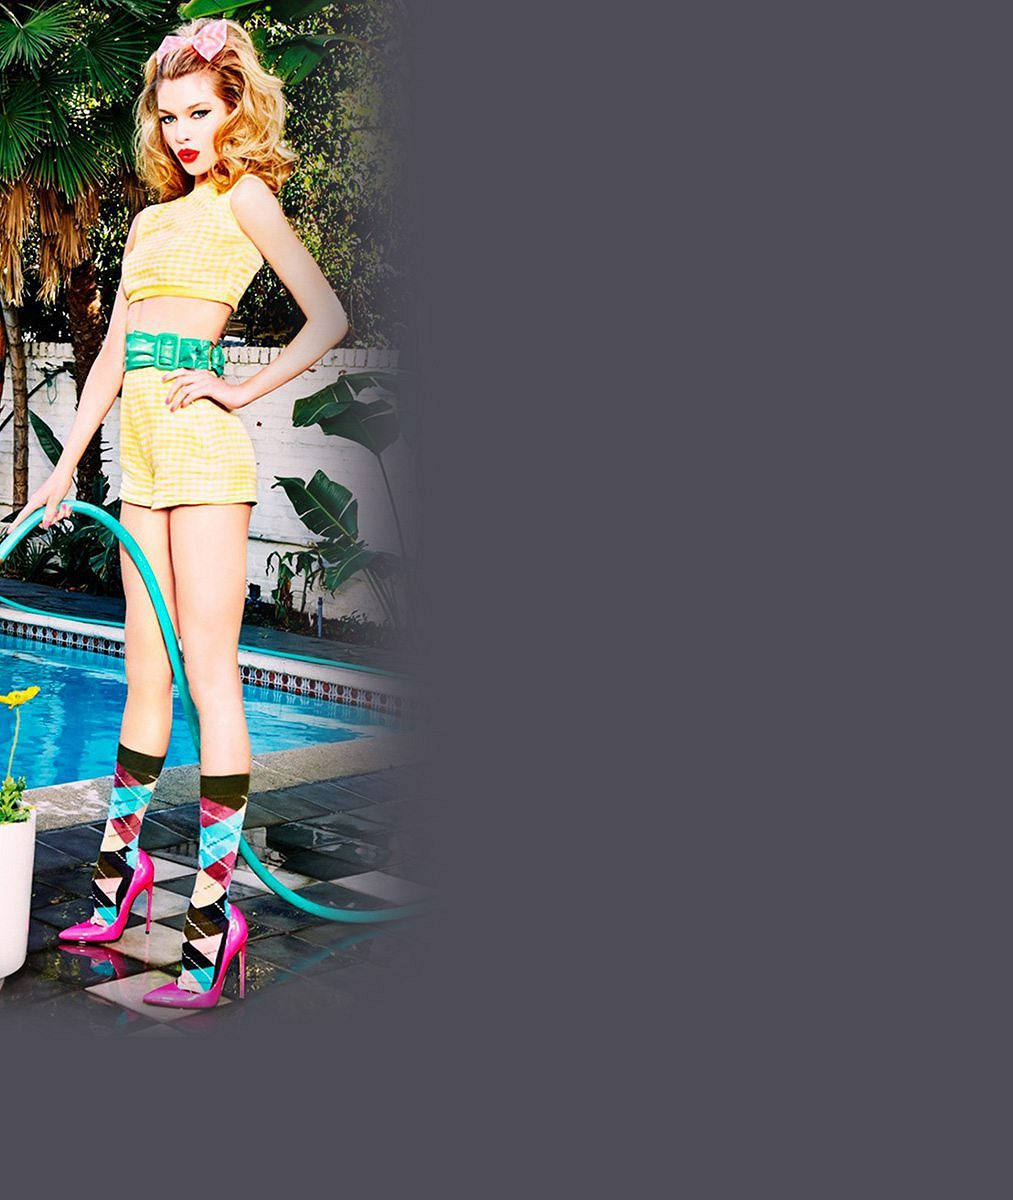 Může být reklama na ponožky sexy? S lesbickým andílkem v hlavní roli rozhodně!